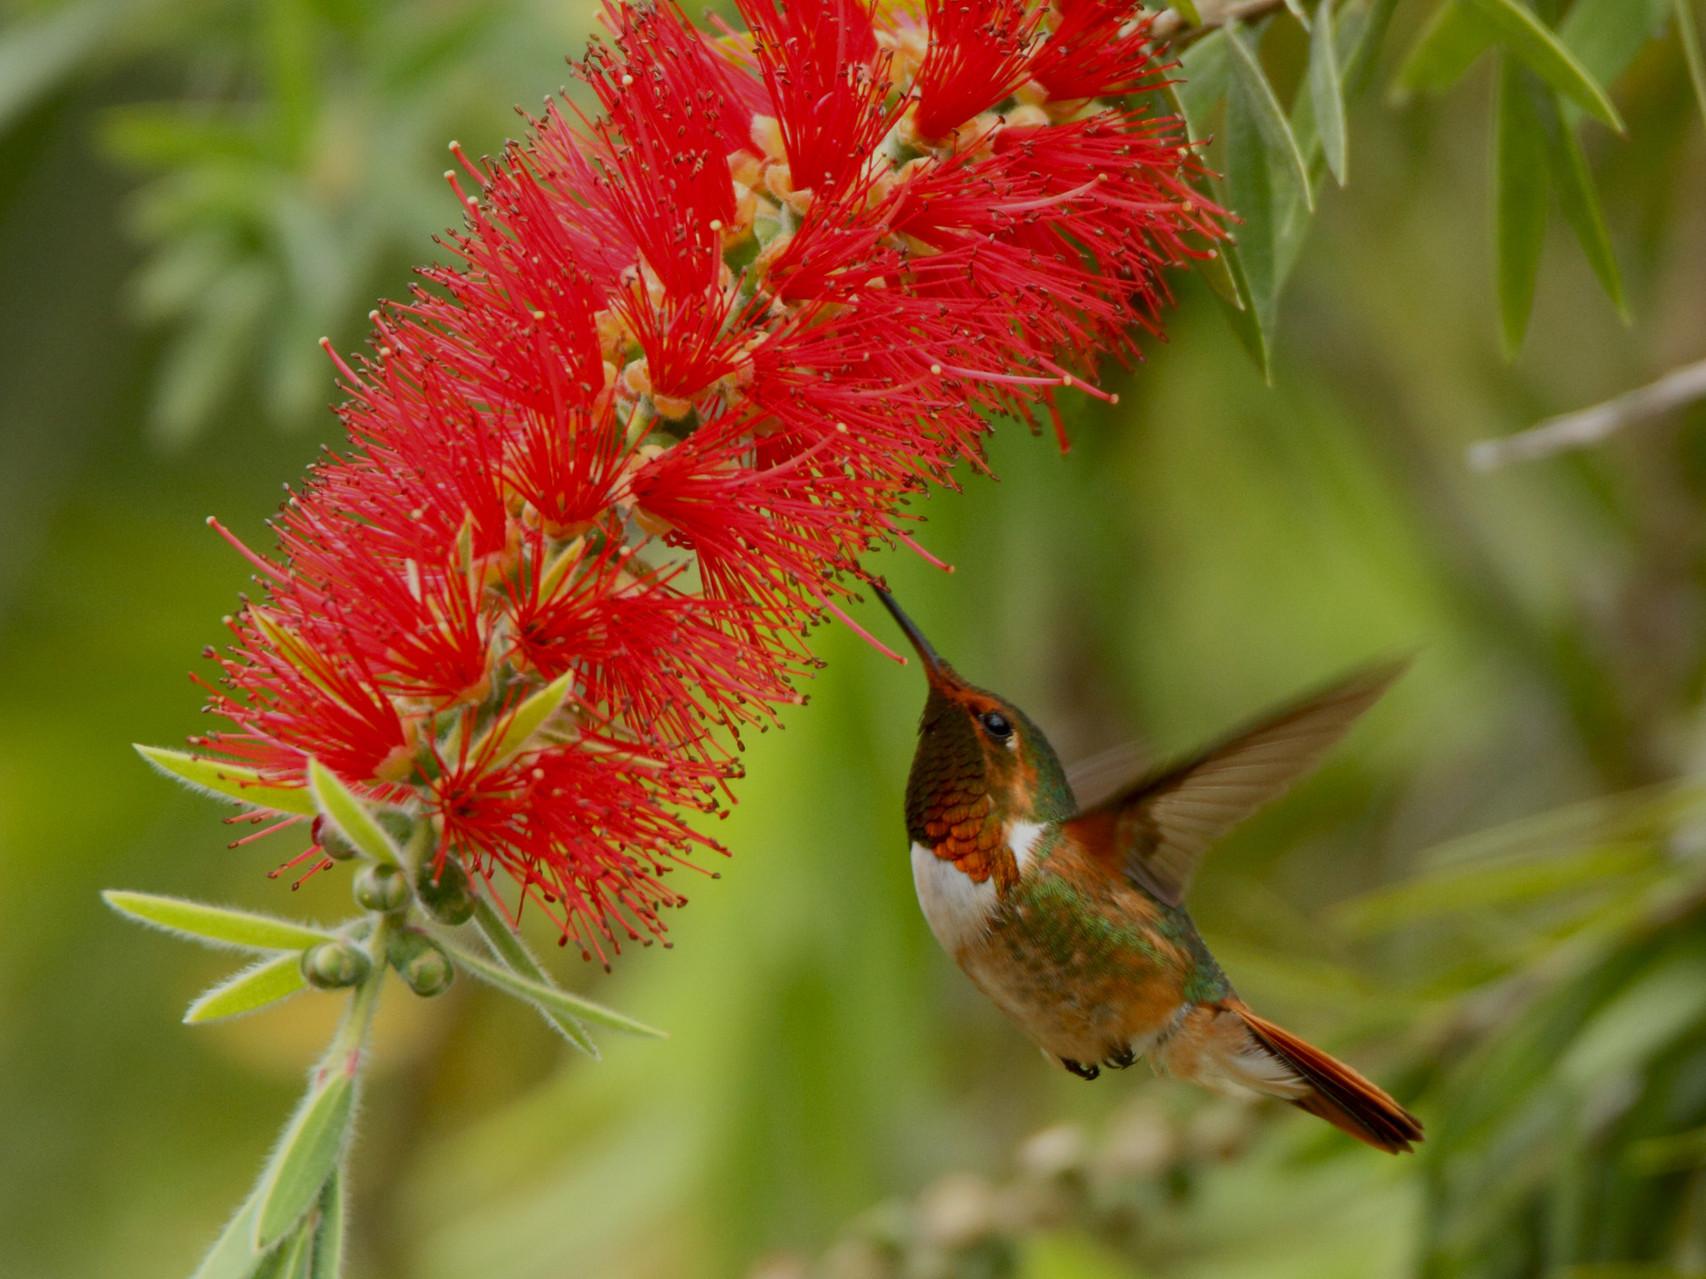 ...und zahlreiche Kolibriarten wie die Orangekehlelfe...